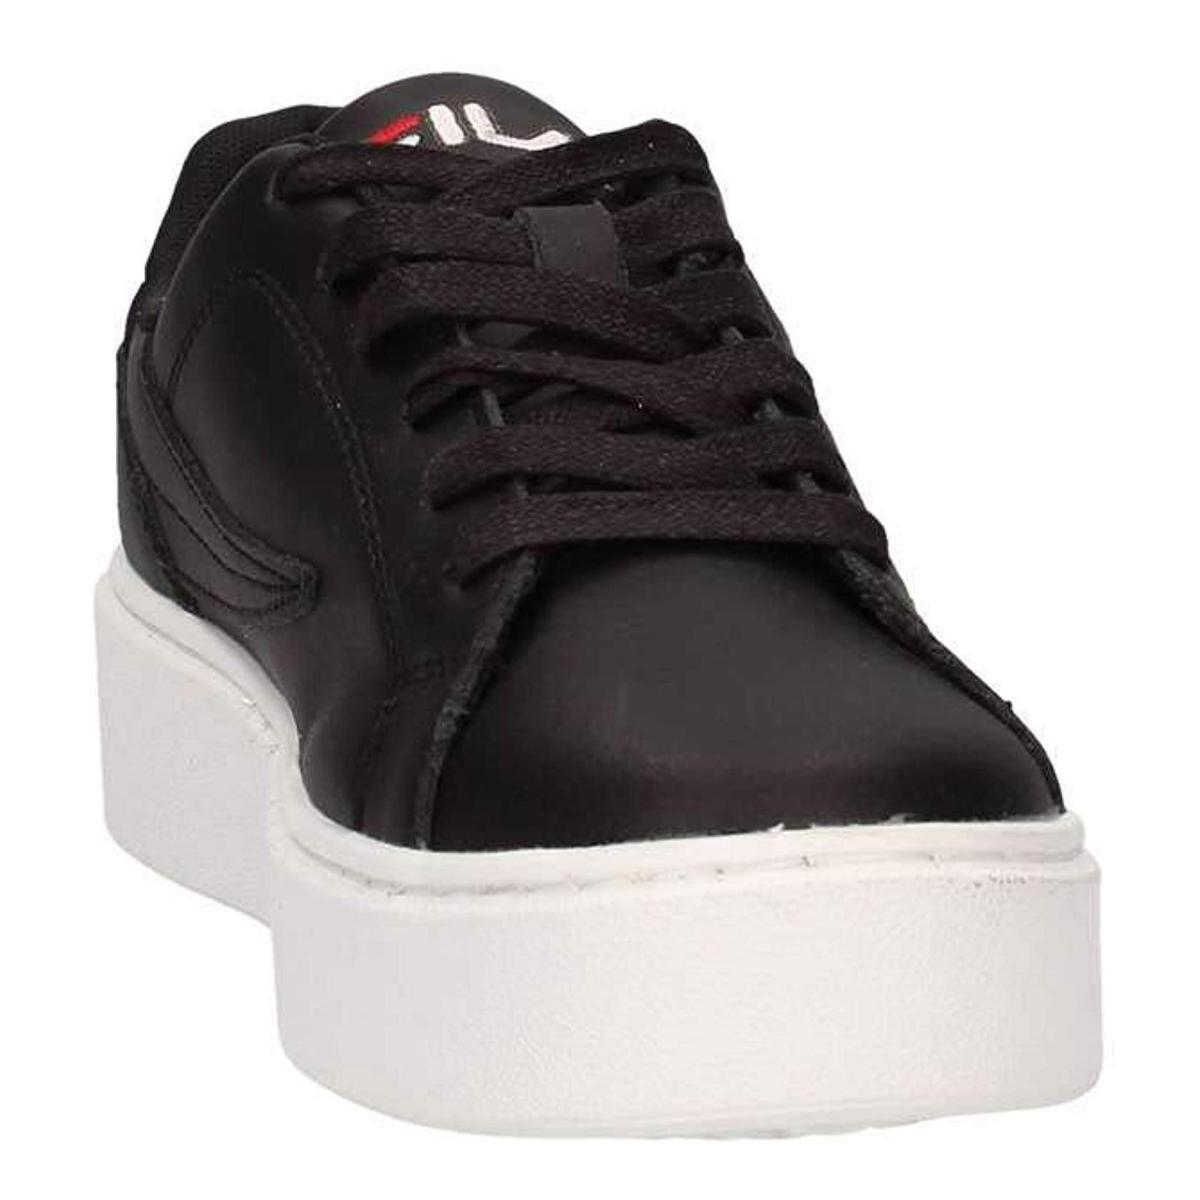 Scarpe Sneakers FILA Da Ginnastica in Pelle Nera Da Donna